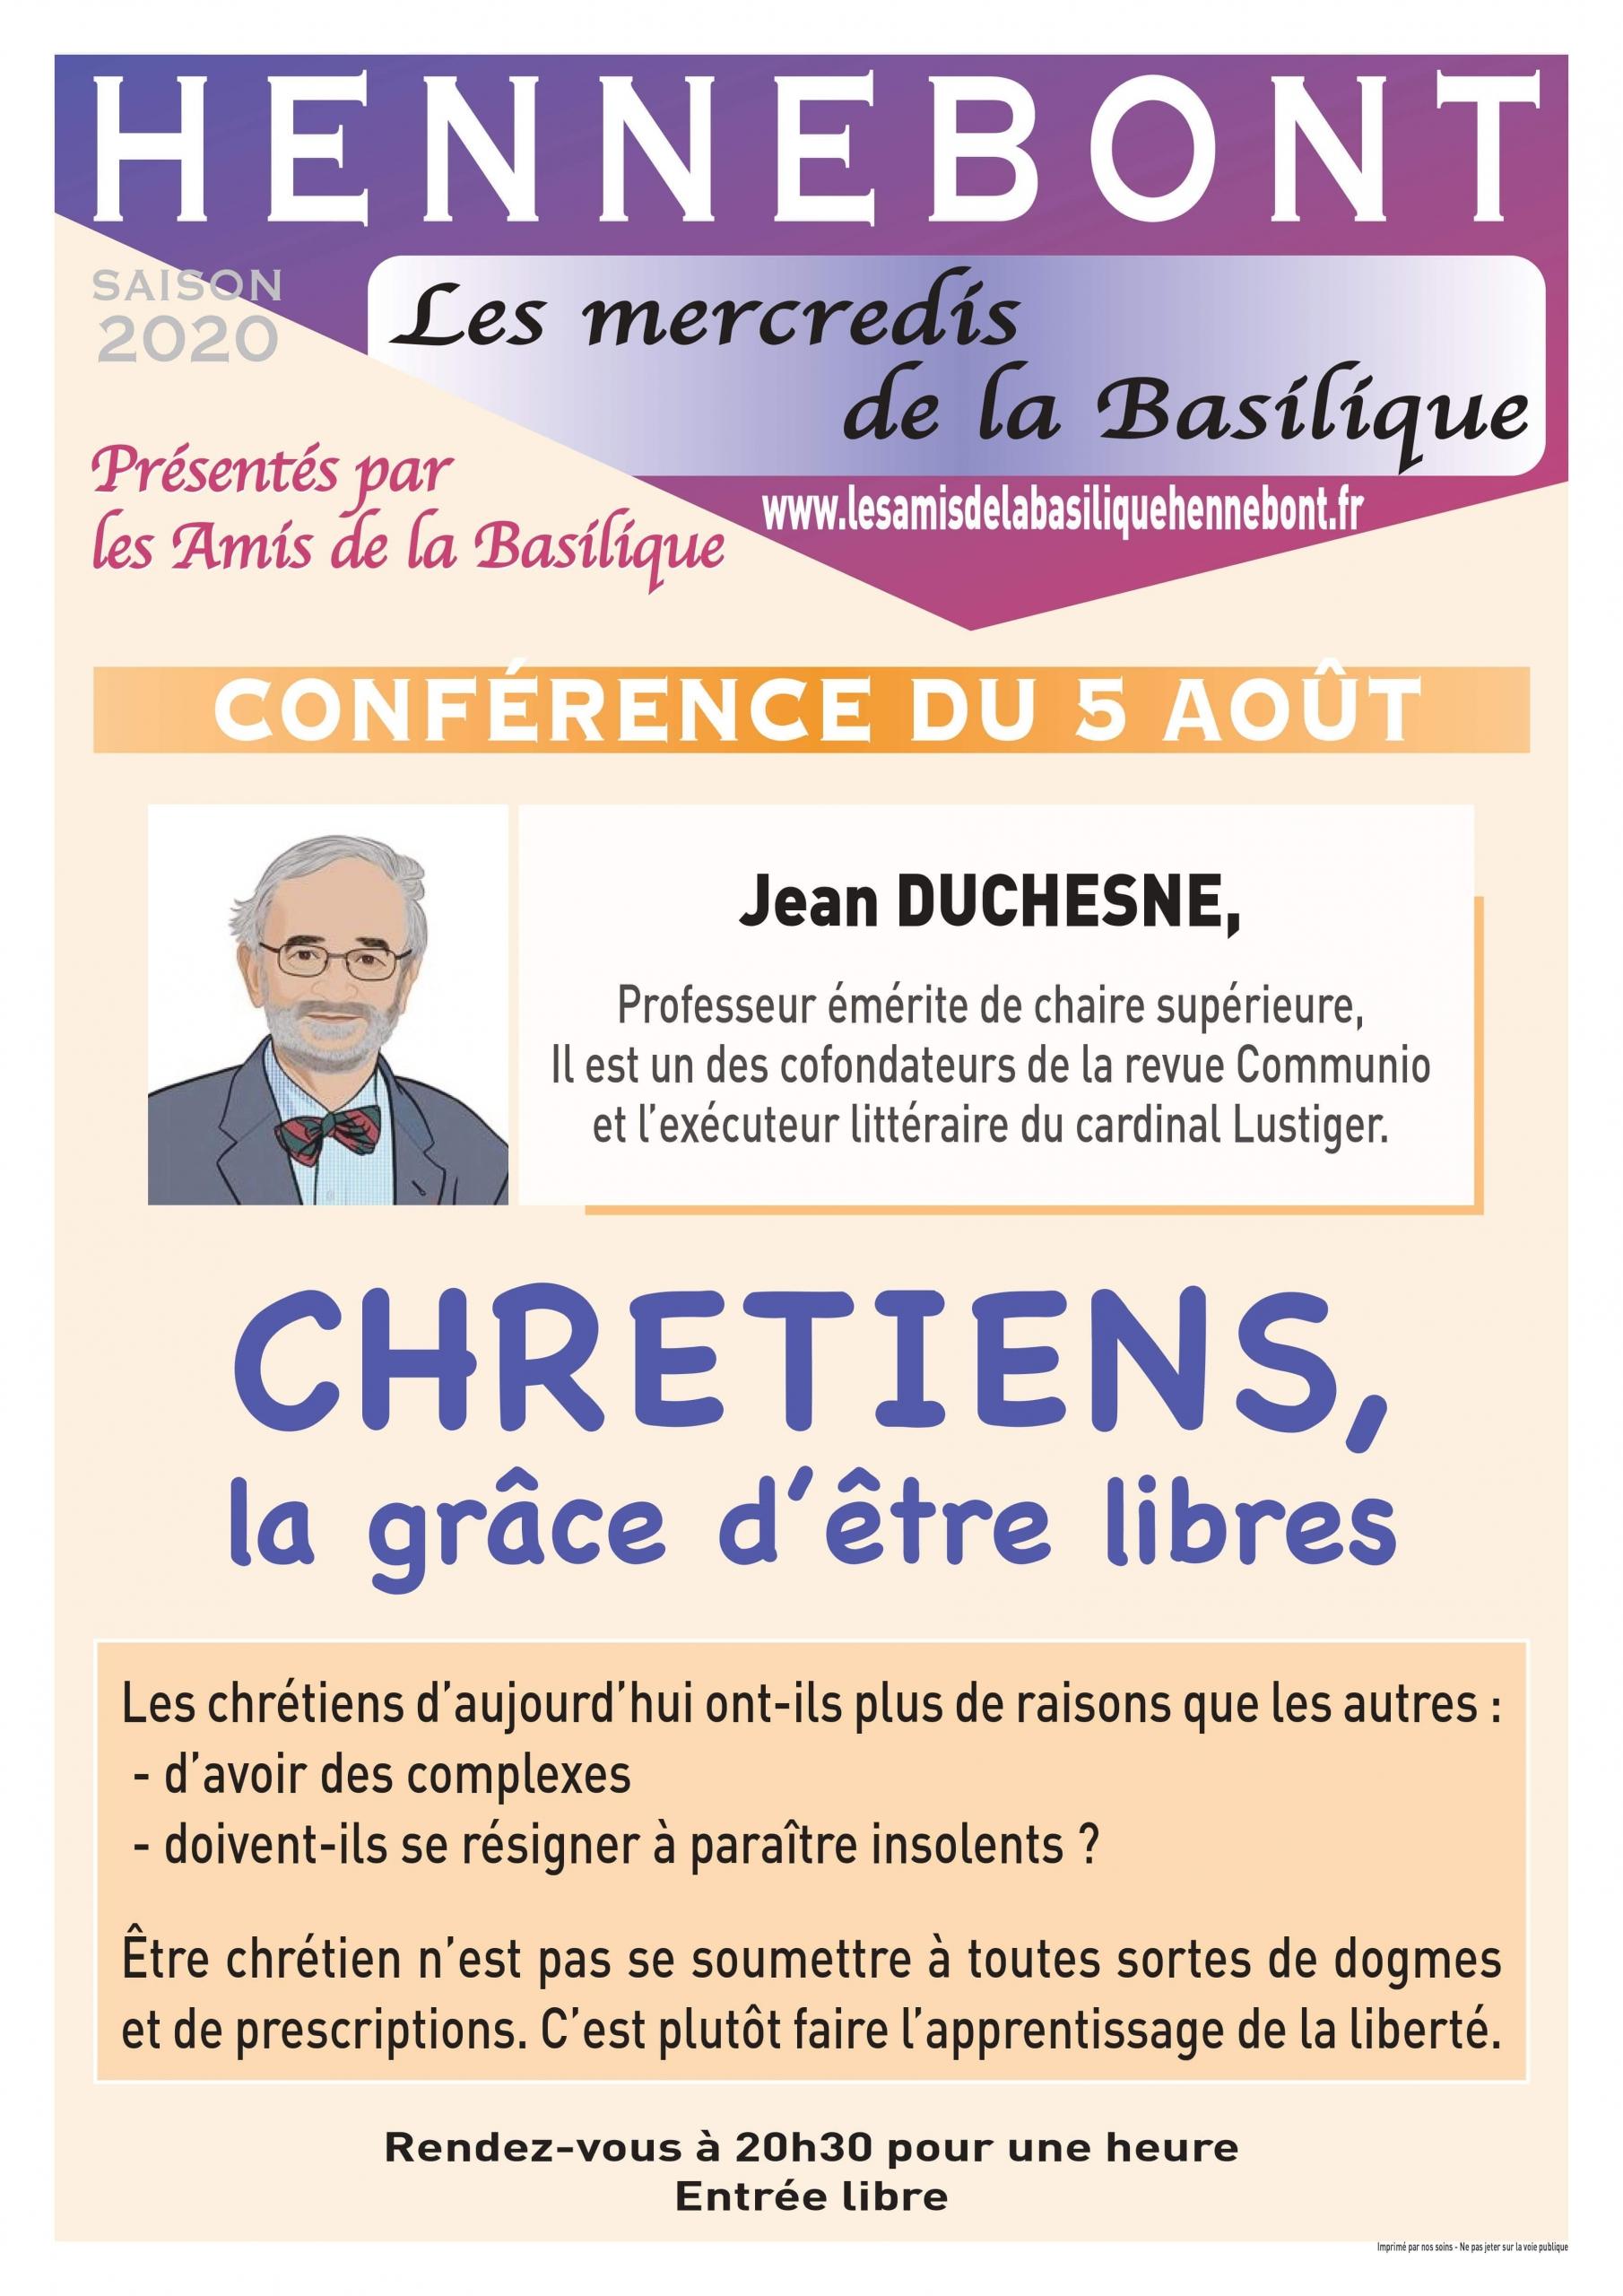 mercredis_de_la_basilique_conference_Jean_duchesnes_Notre_dame_de_paradis_Hennebont